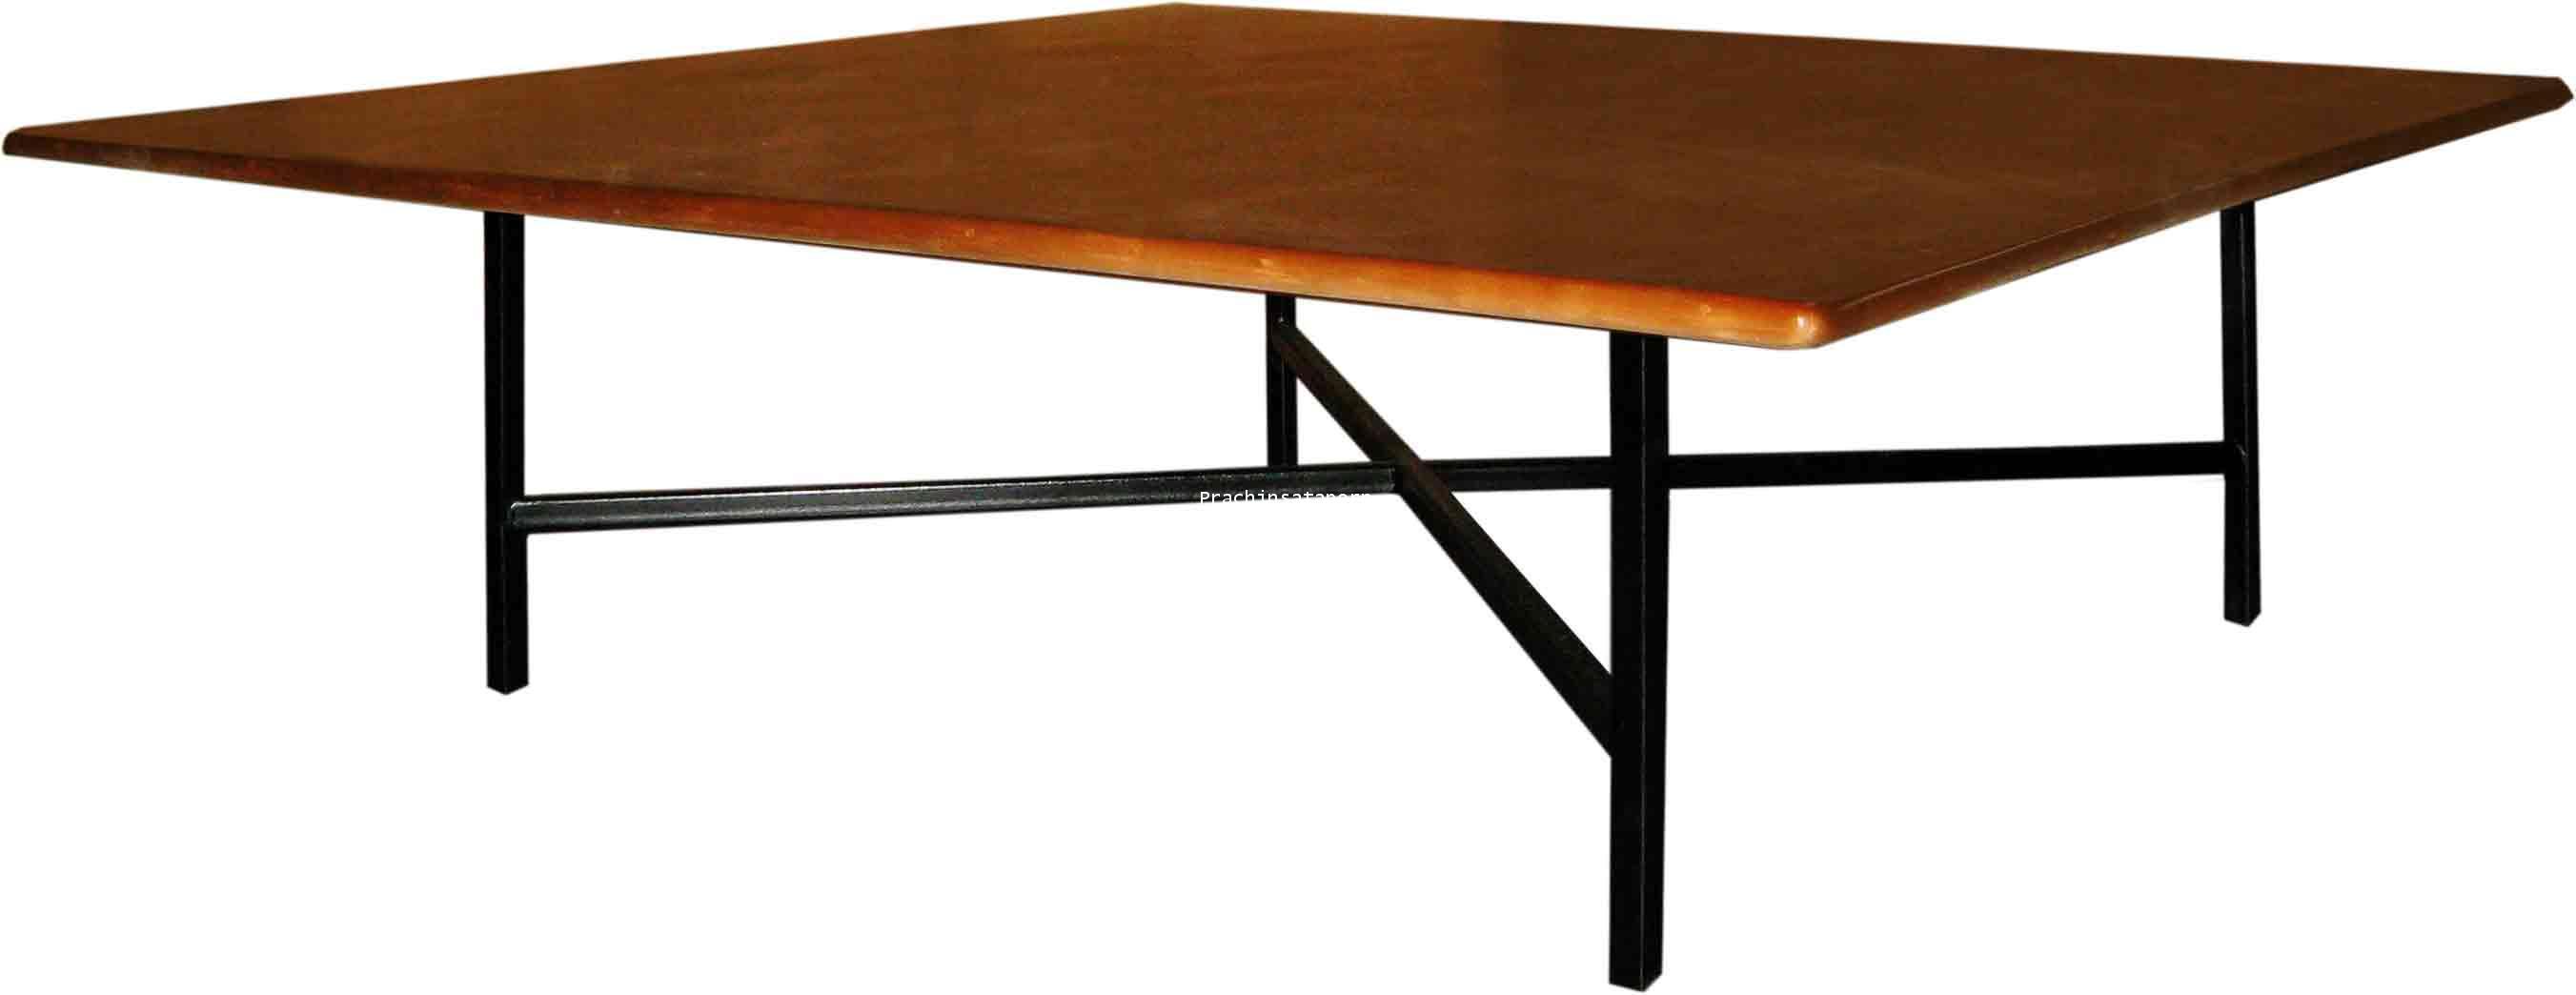 โต๊ะสี่เหลี่ยมทำกิจกรรมแบบนั่งพื้น A151